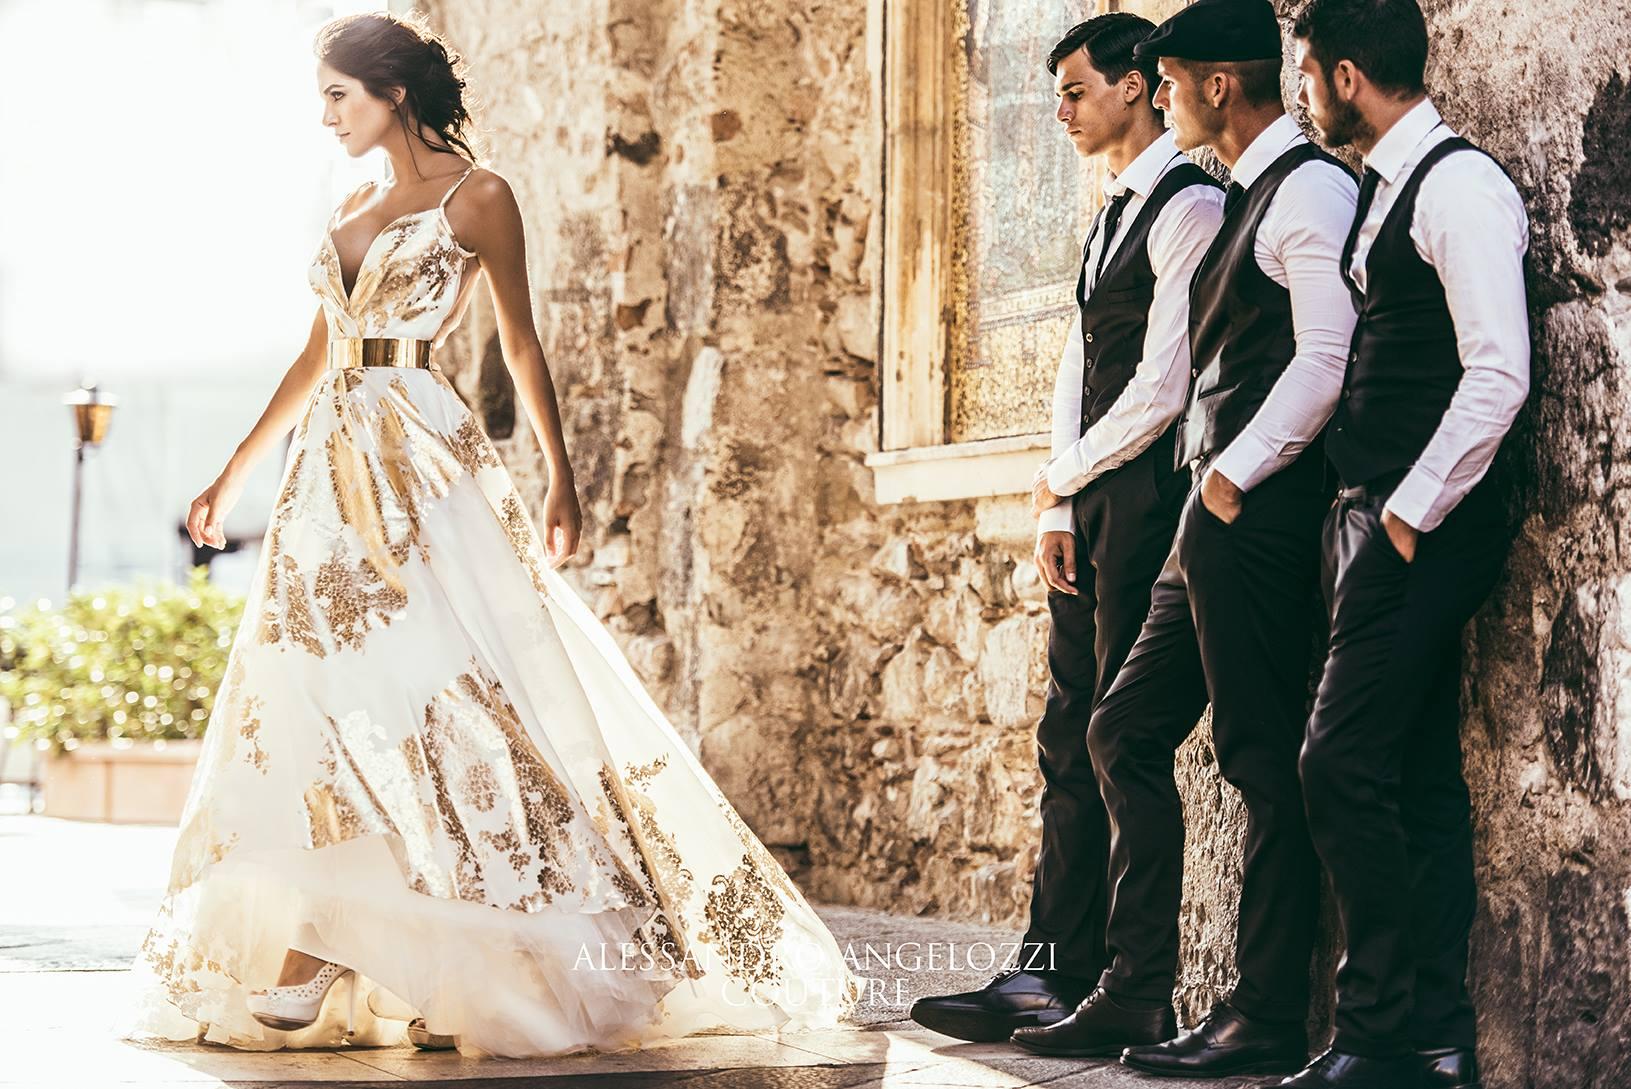 Alessandro Angelozzi Couture con un abito da dea greca